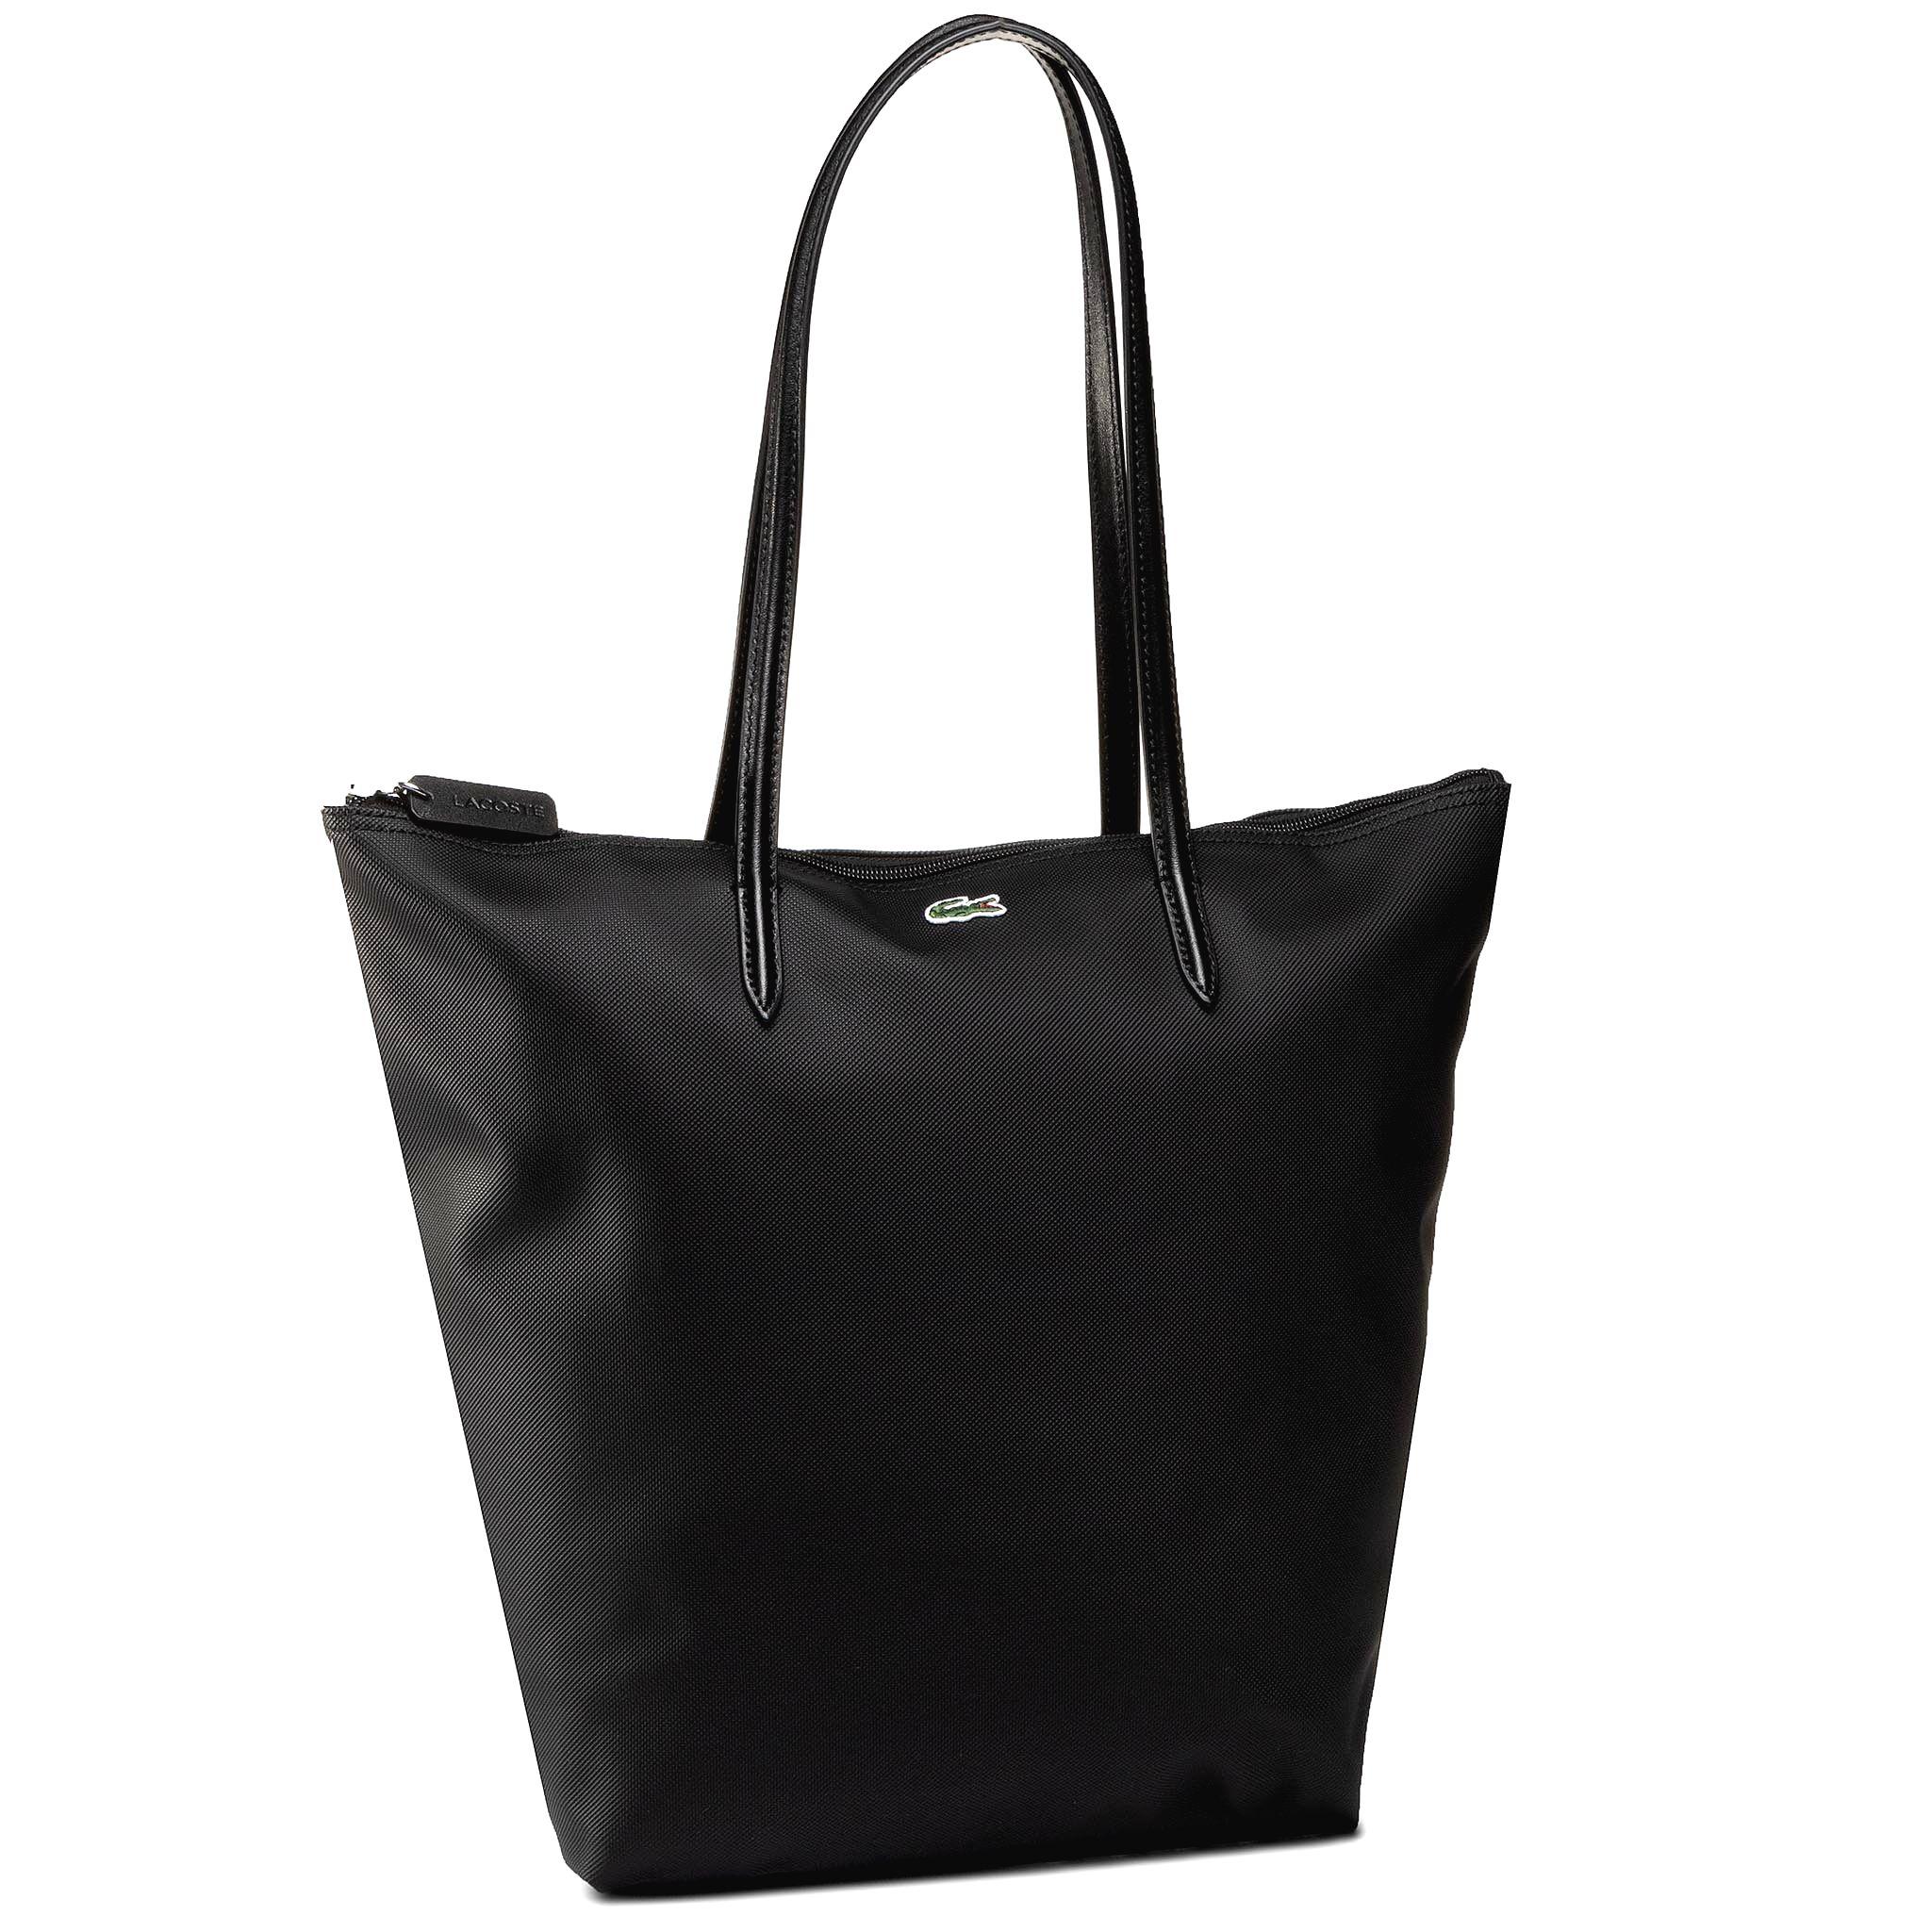 Kabelka LACOSTE - Vertical Shopping Bag NF1890PO  Black 000